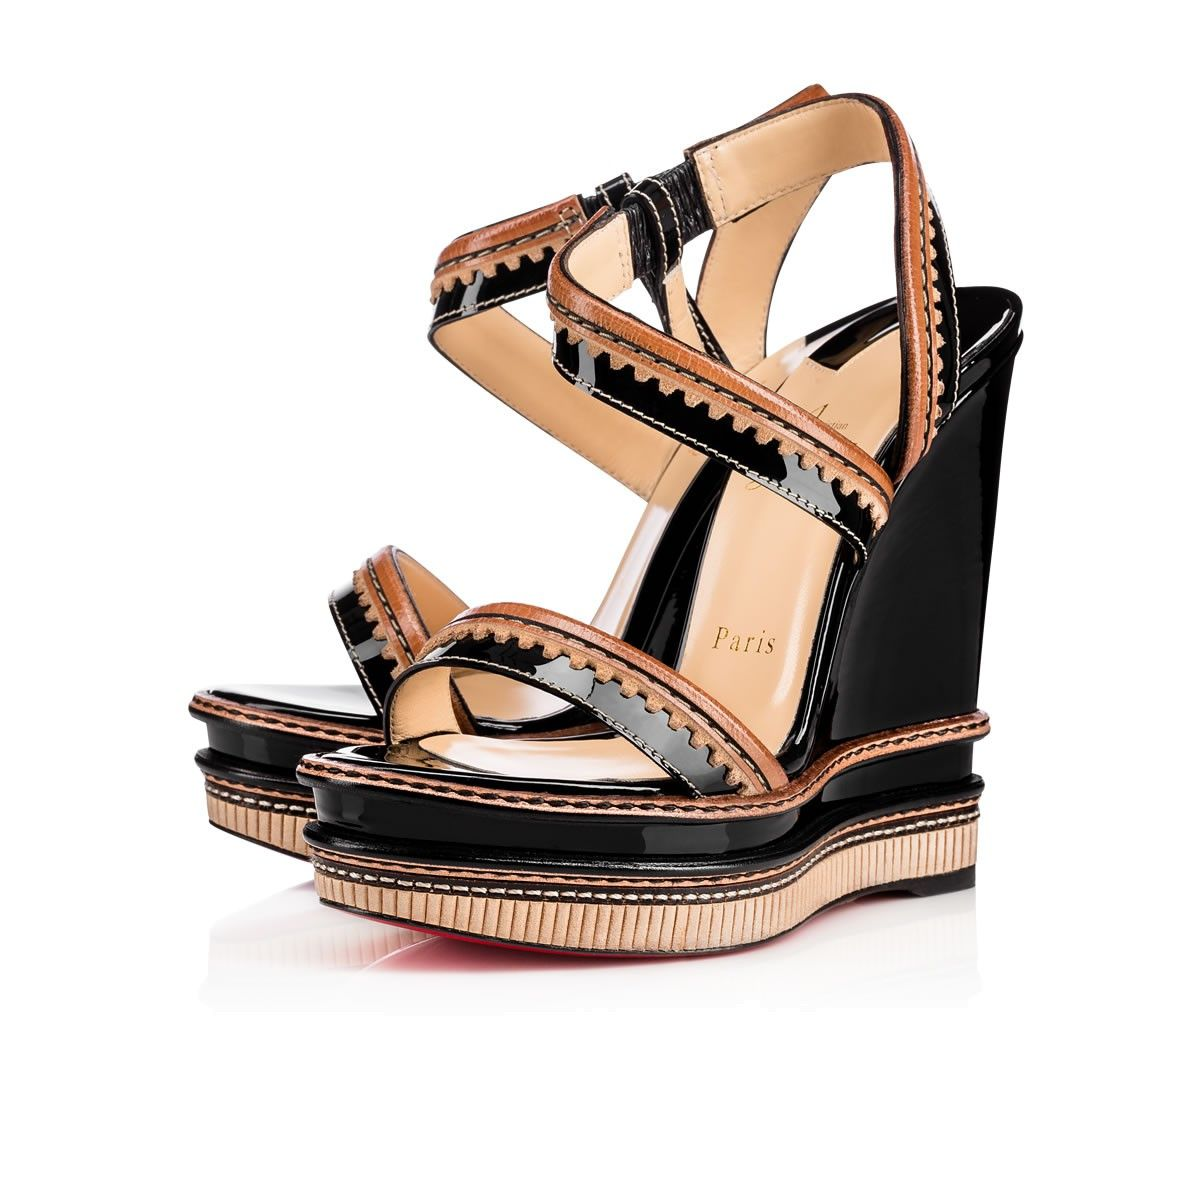 Beautiful shoes · CHRISTIAN LOUBOUTIN Trepi Heel Patent - Shoes - Women.